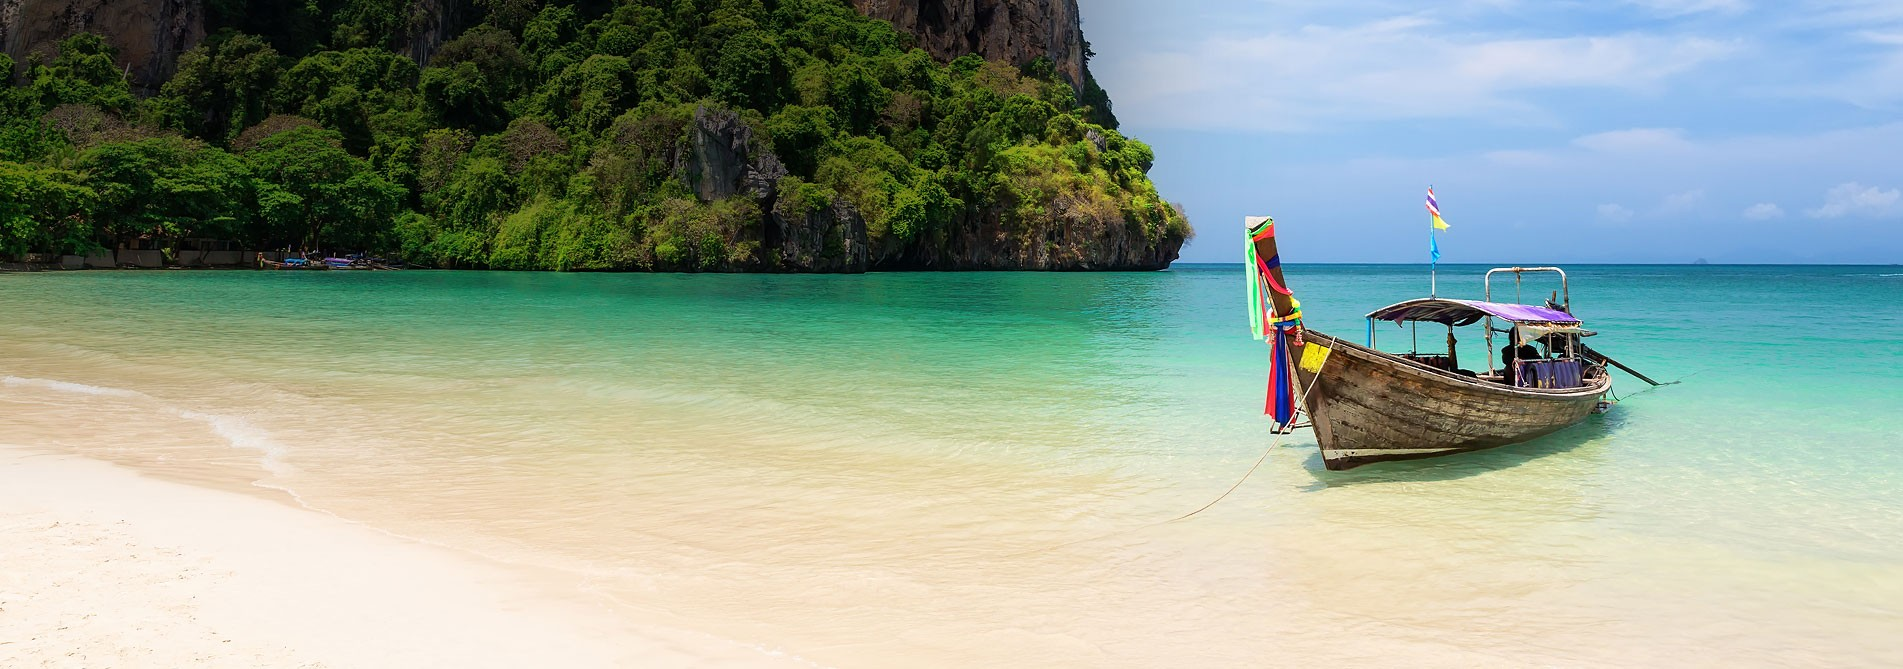 Thajsko - Neobyčejná cesta sebepoznání